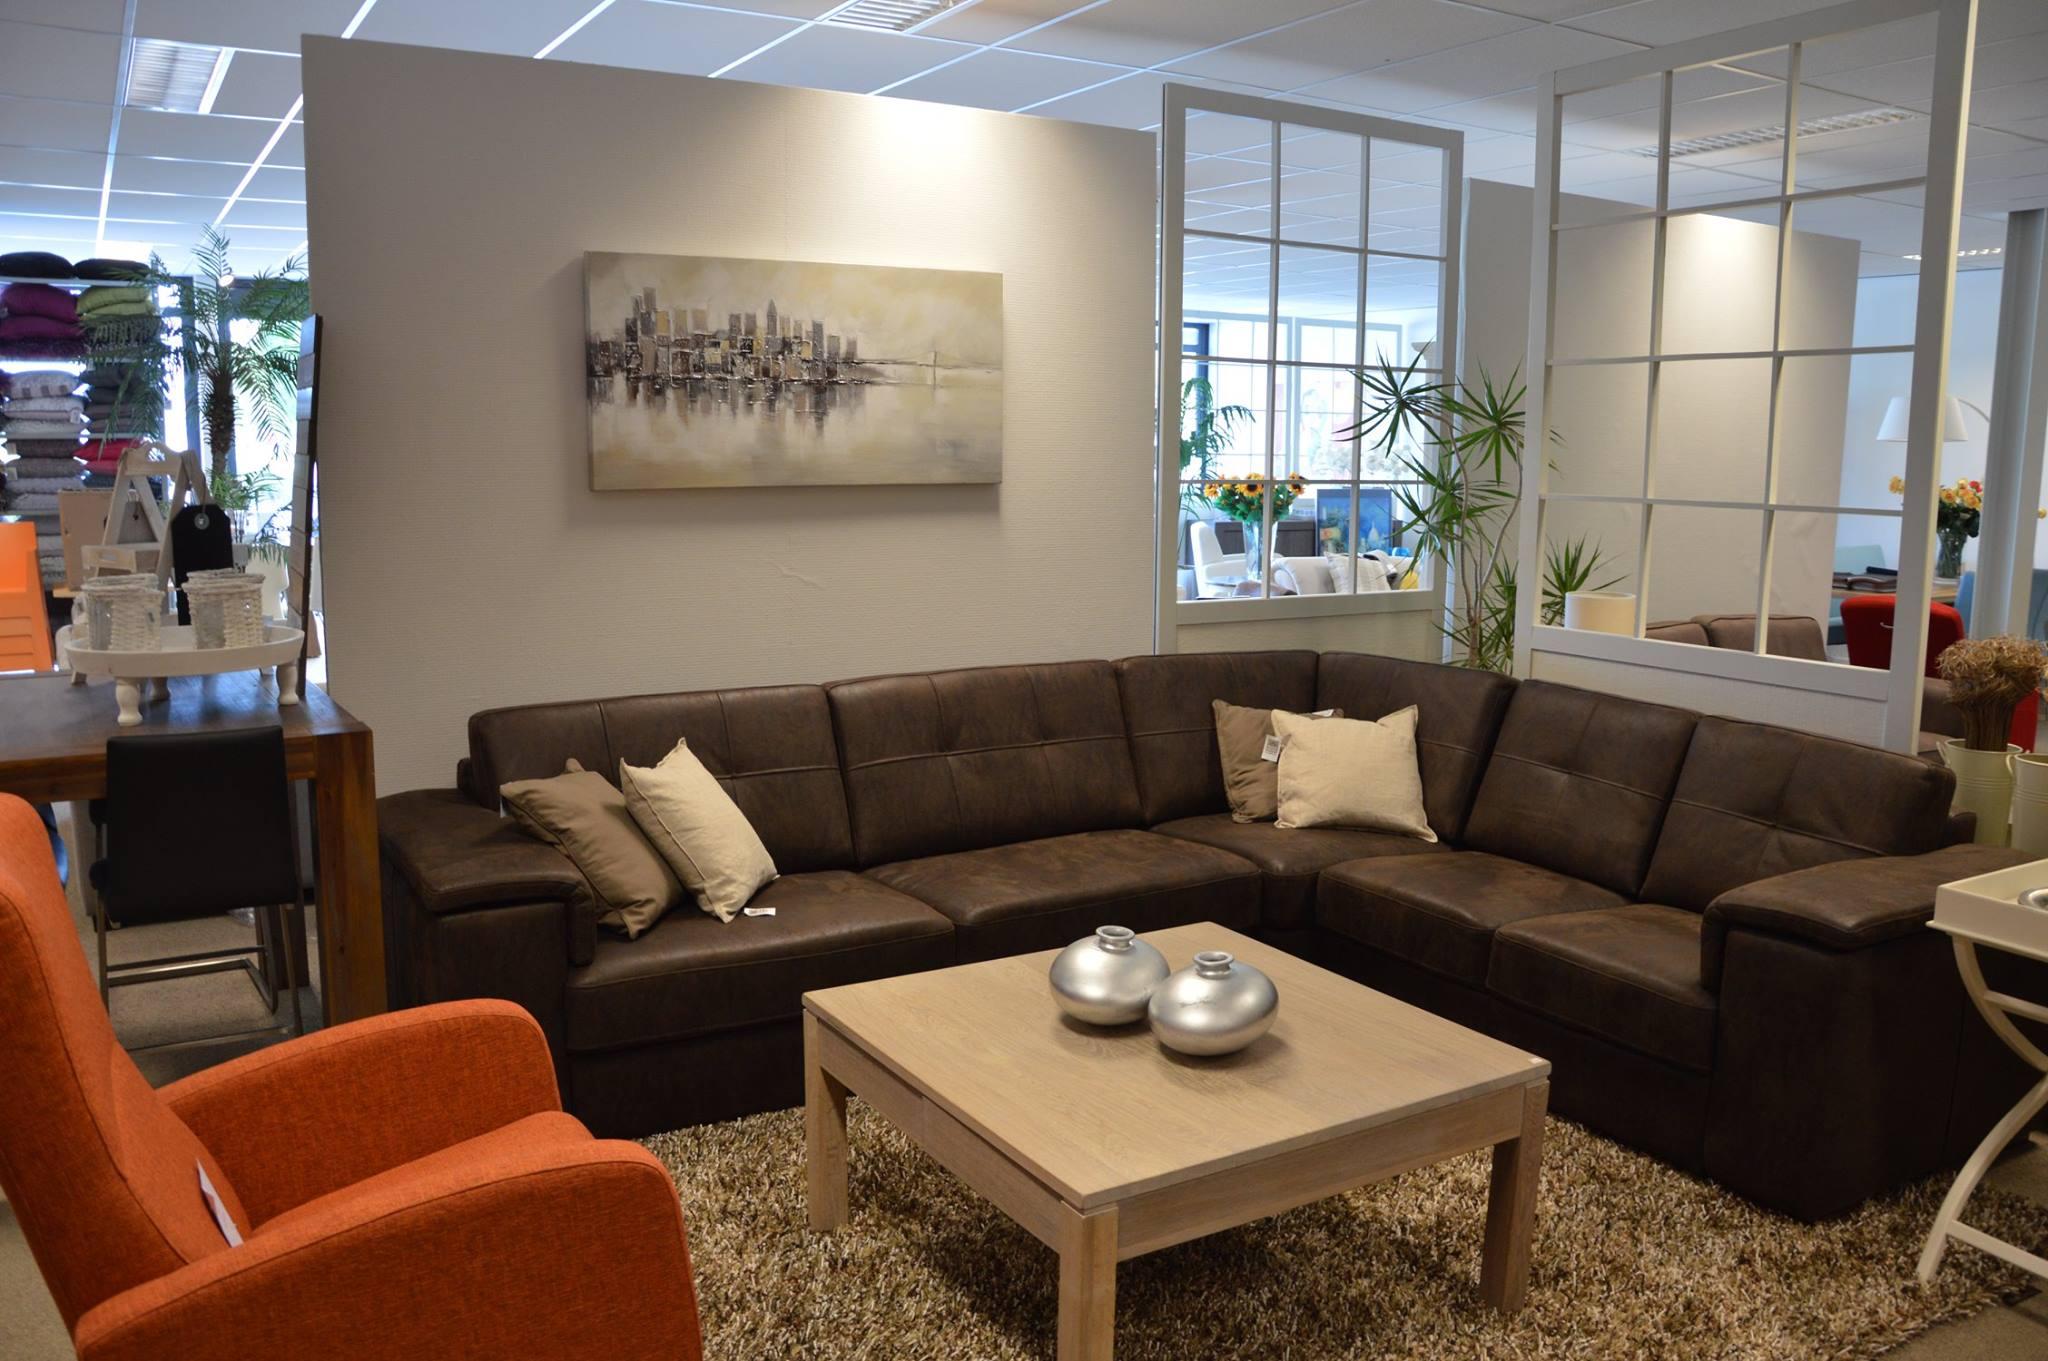 Style inrichting mogelijkheden hogendoorn meubelen for Woonboulevard wolvega